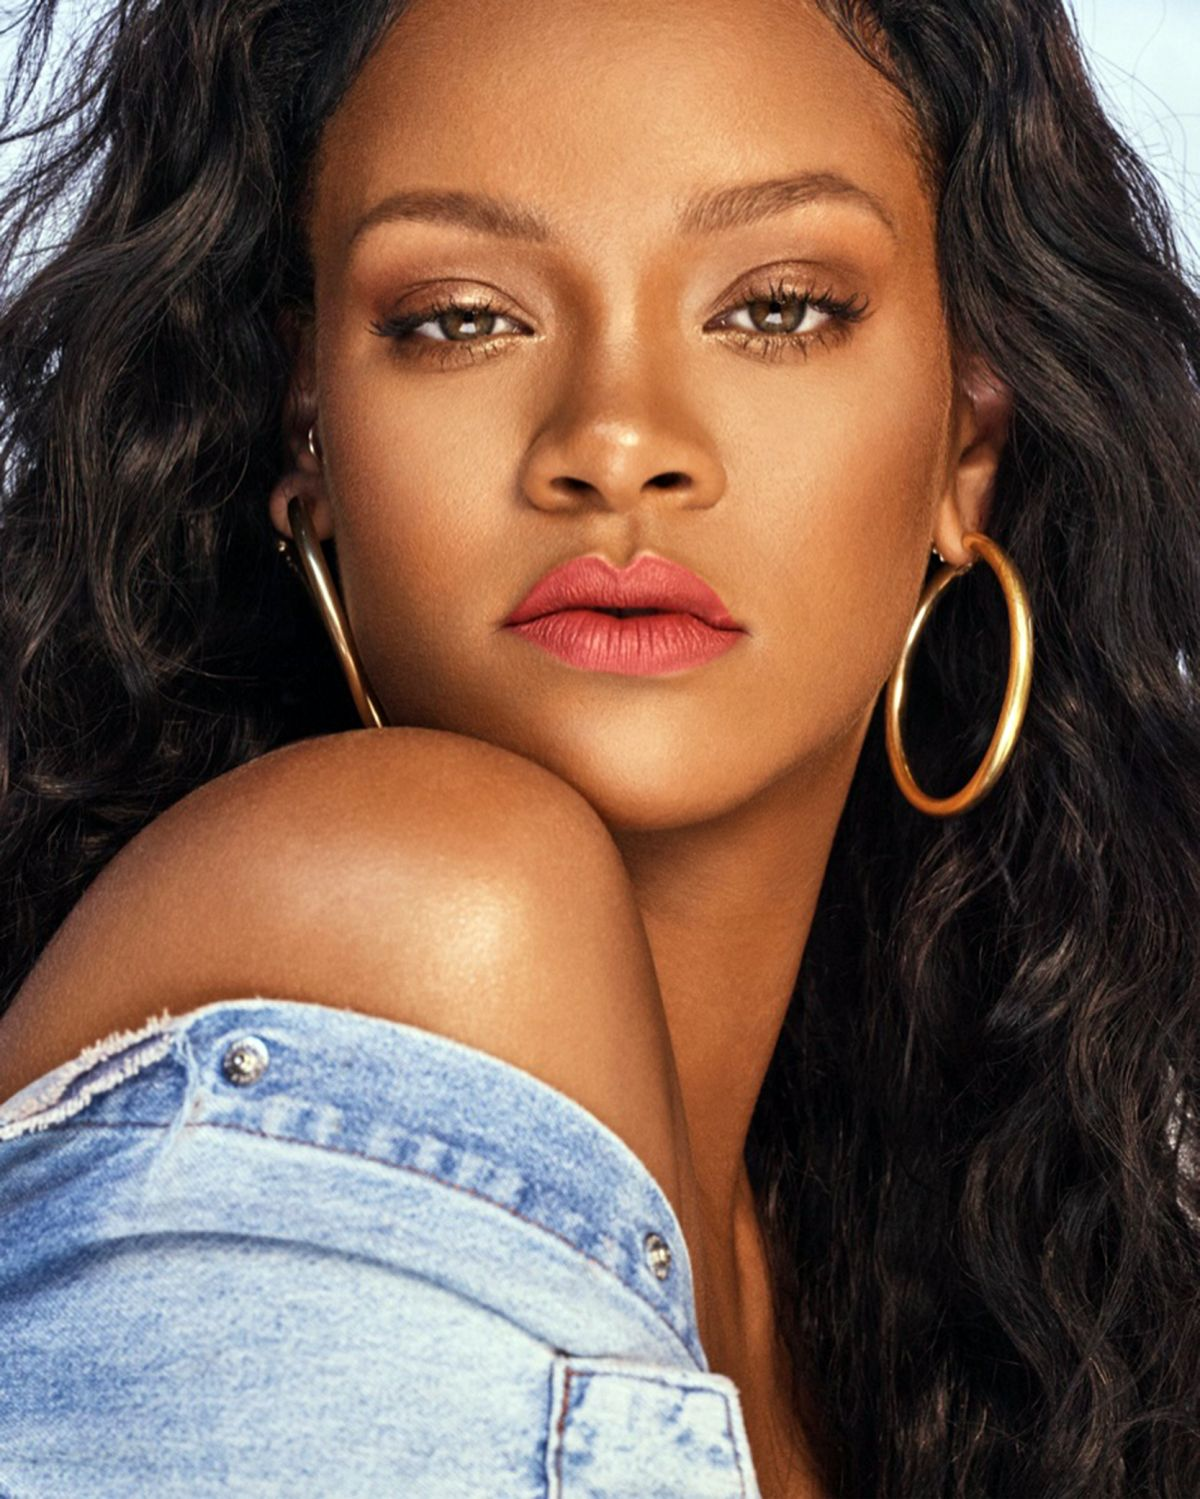 RIHANA for Mattemoiselle, Her Fenty Cosmetics Brand's New Lipstick ...